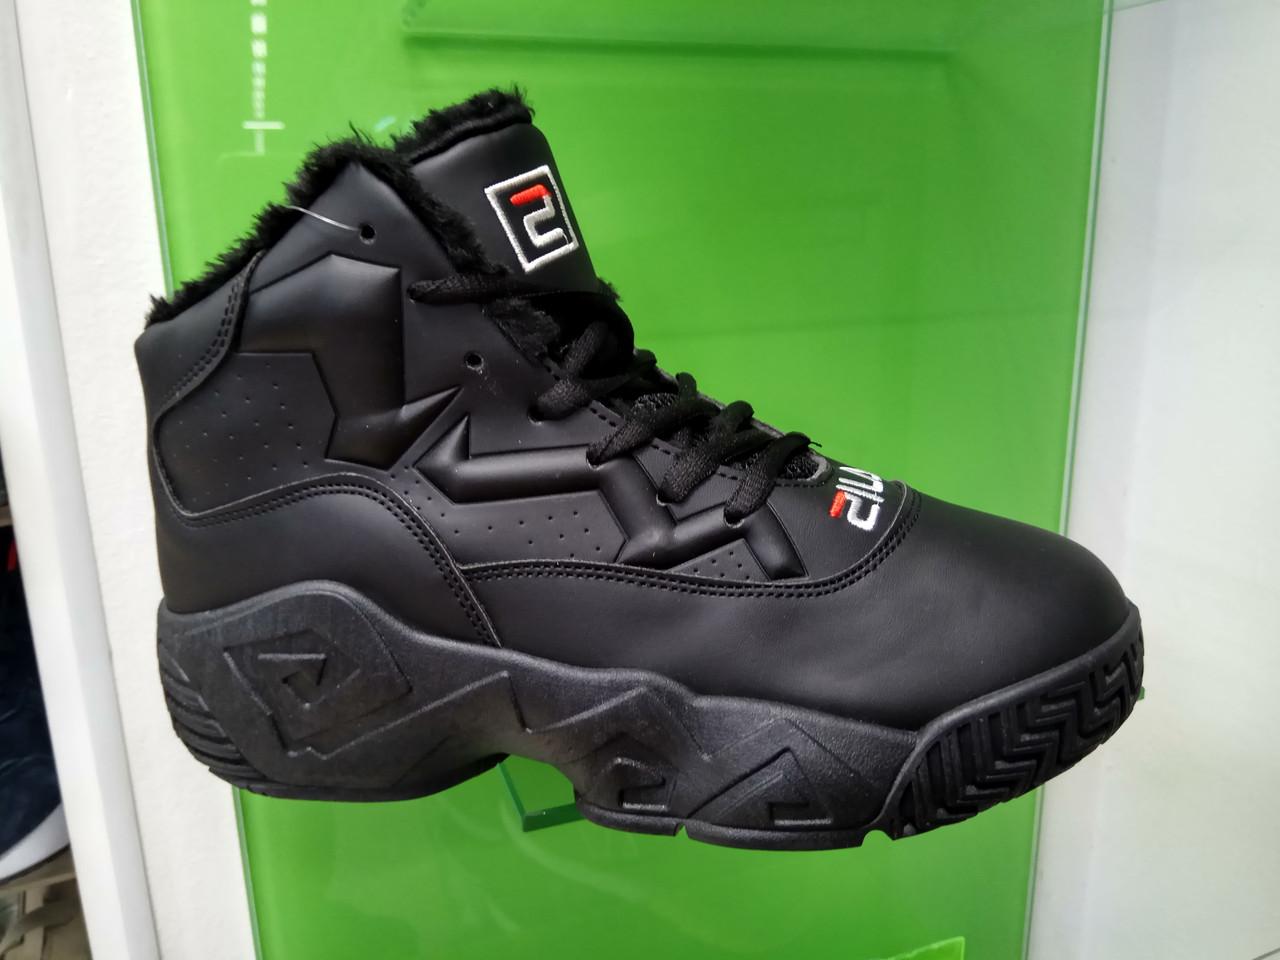 Жіночі зимові черевики Fila MB Mesh Black Leather